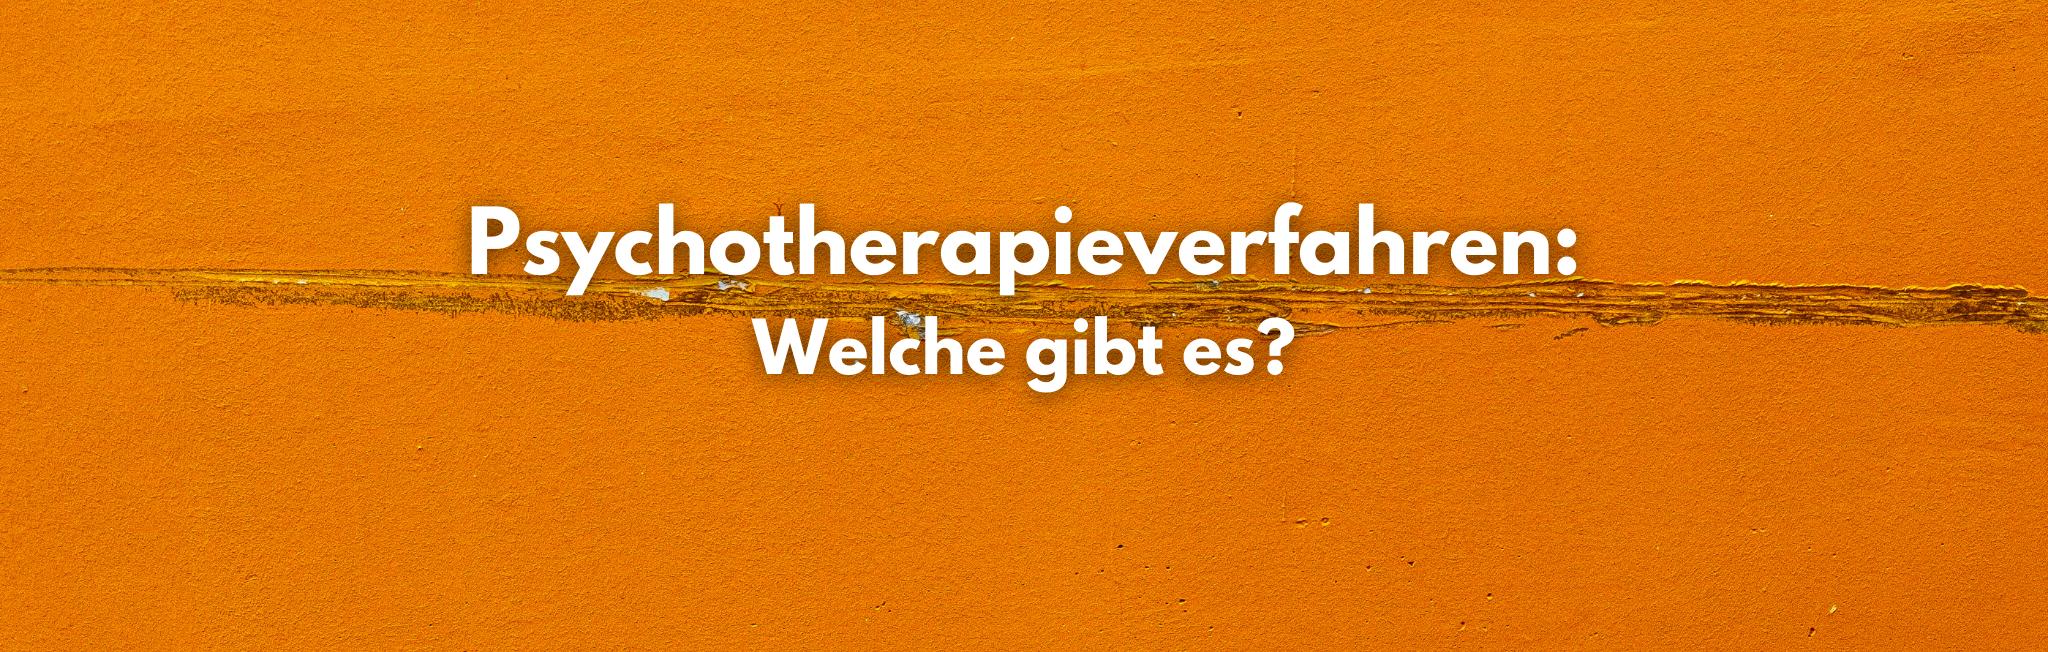 Psychotherapieverfahren: Welche gibt es?